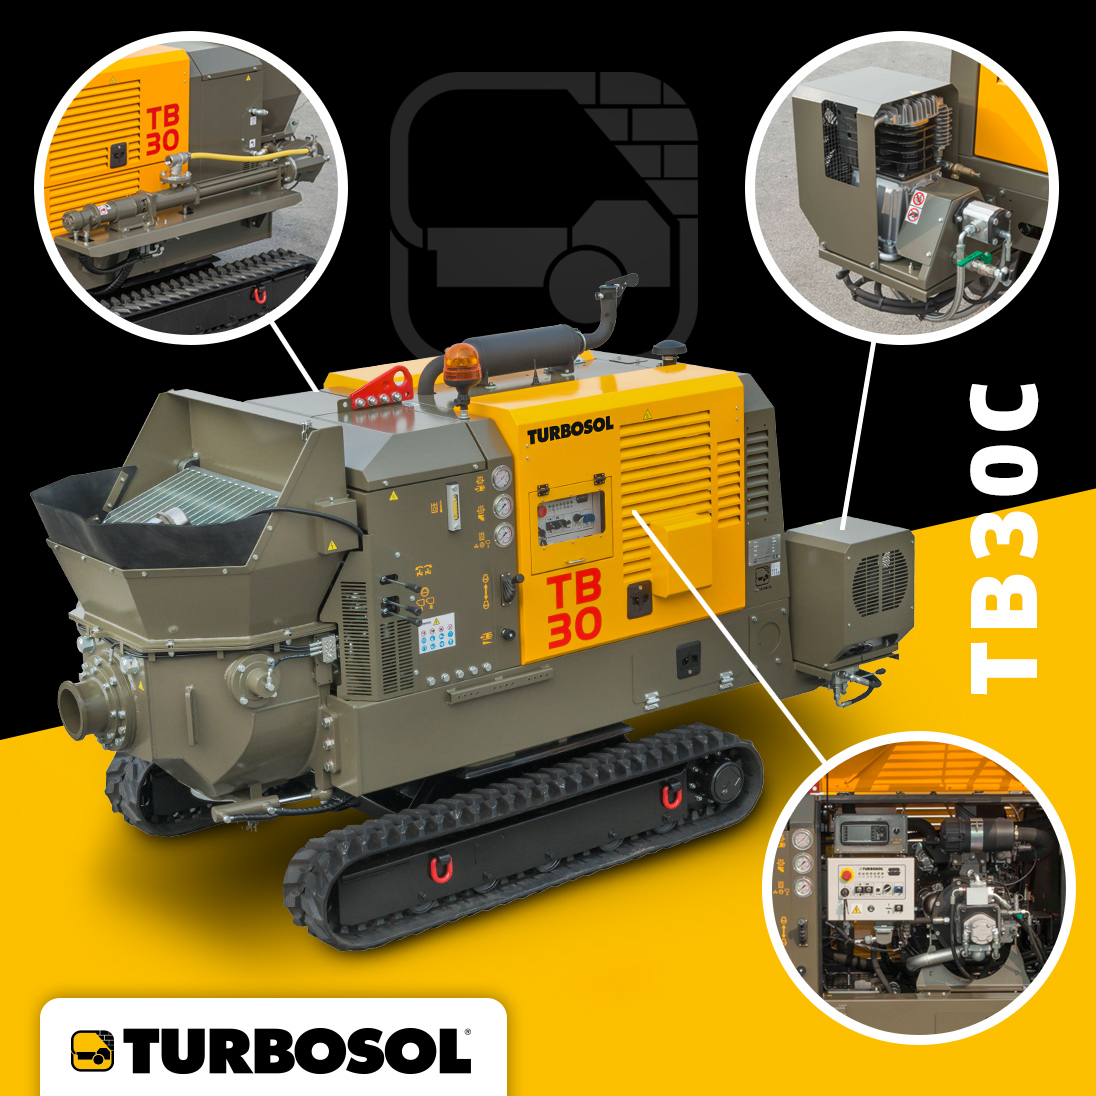 TB 30C - Focus